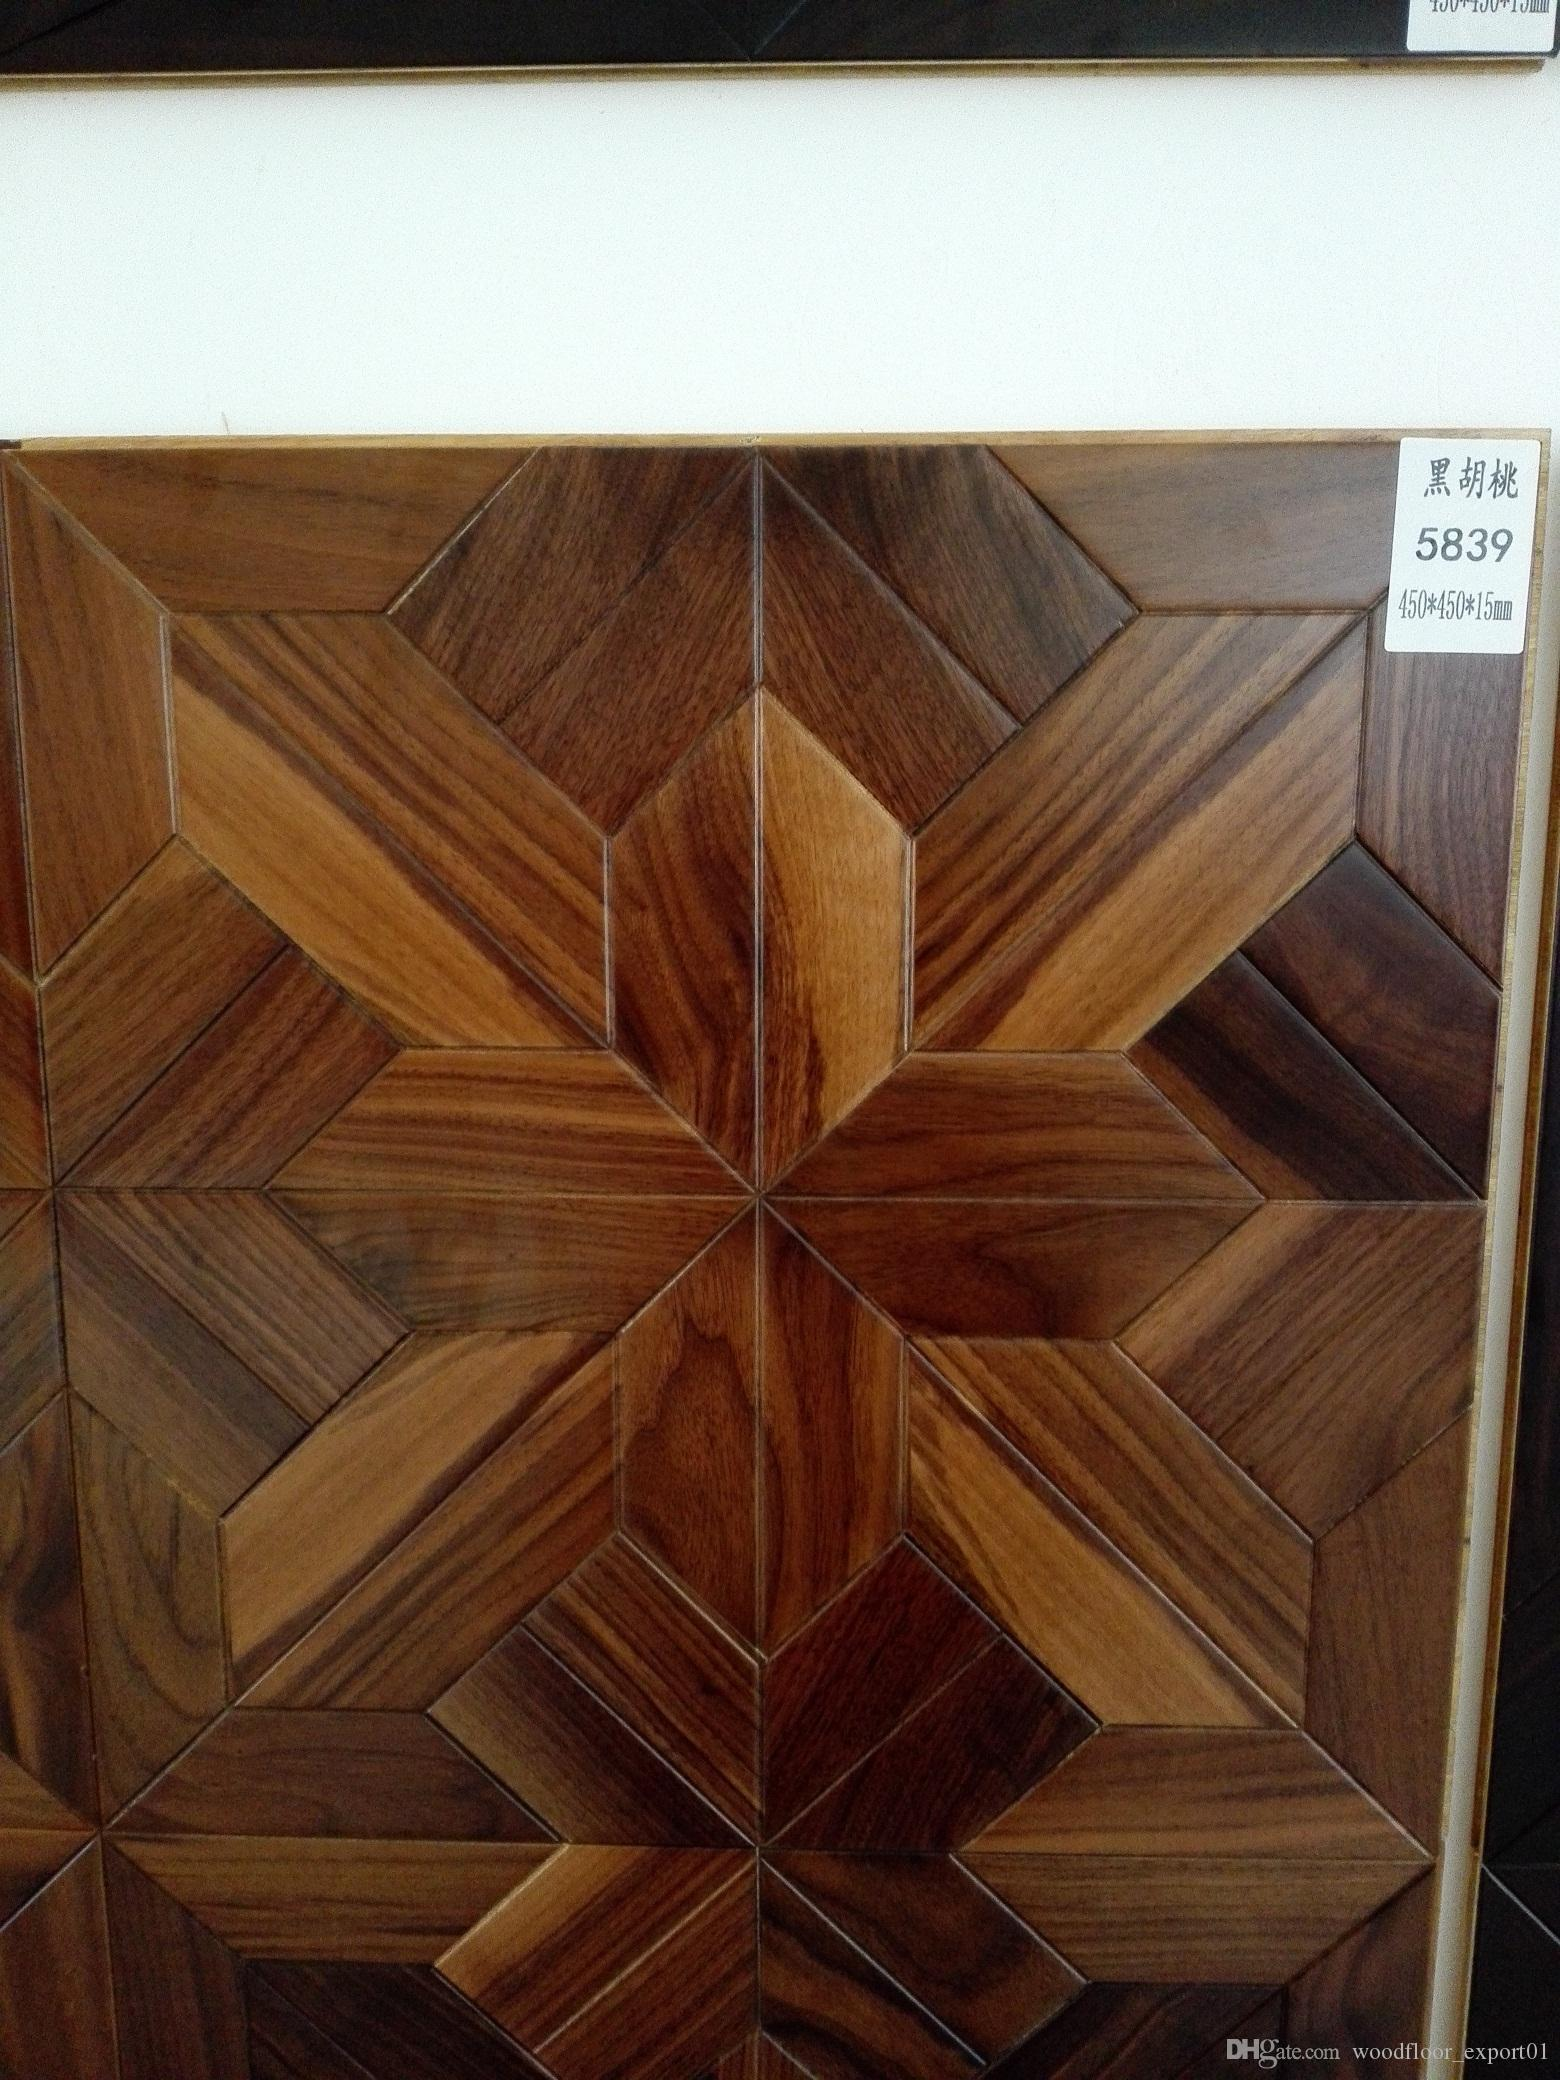 Acheter Rosewood Decoration De La Maison Feuilles De Bambou Plancher